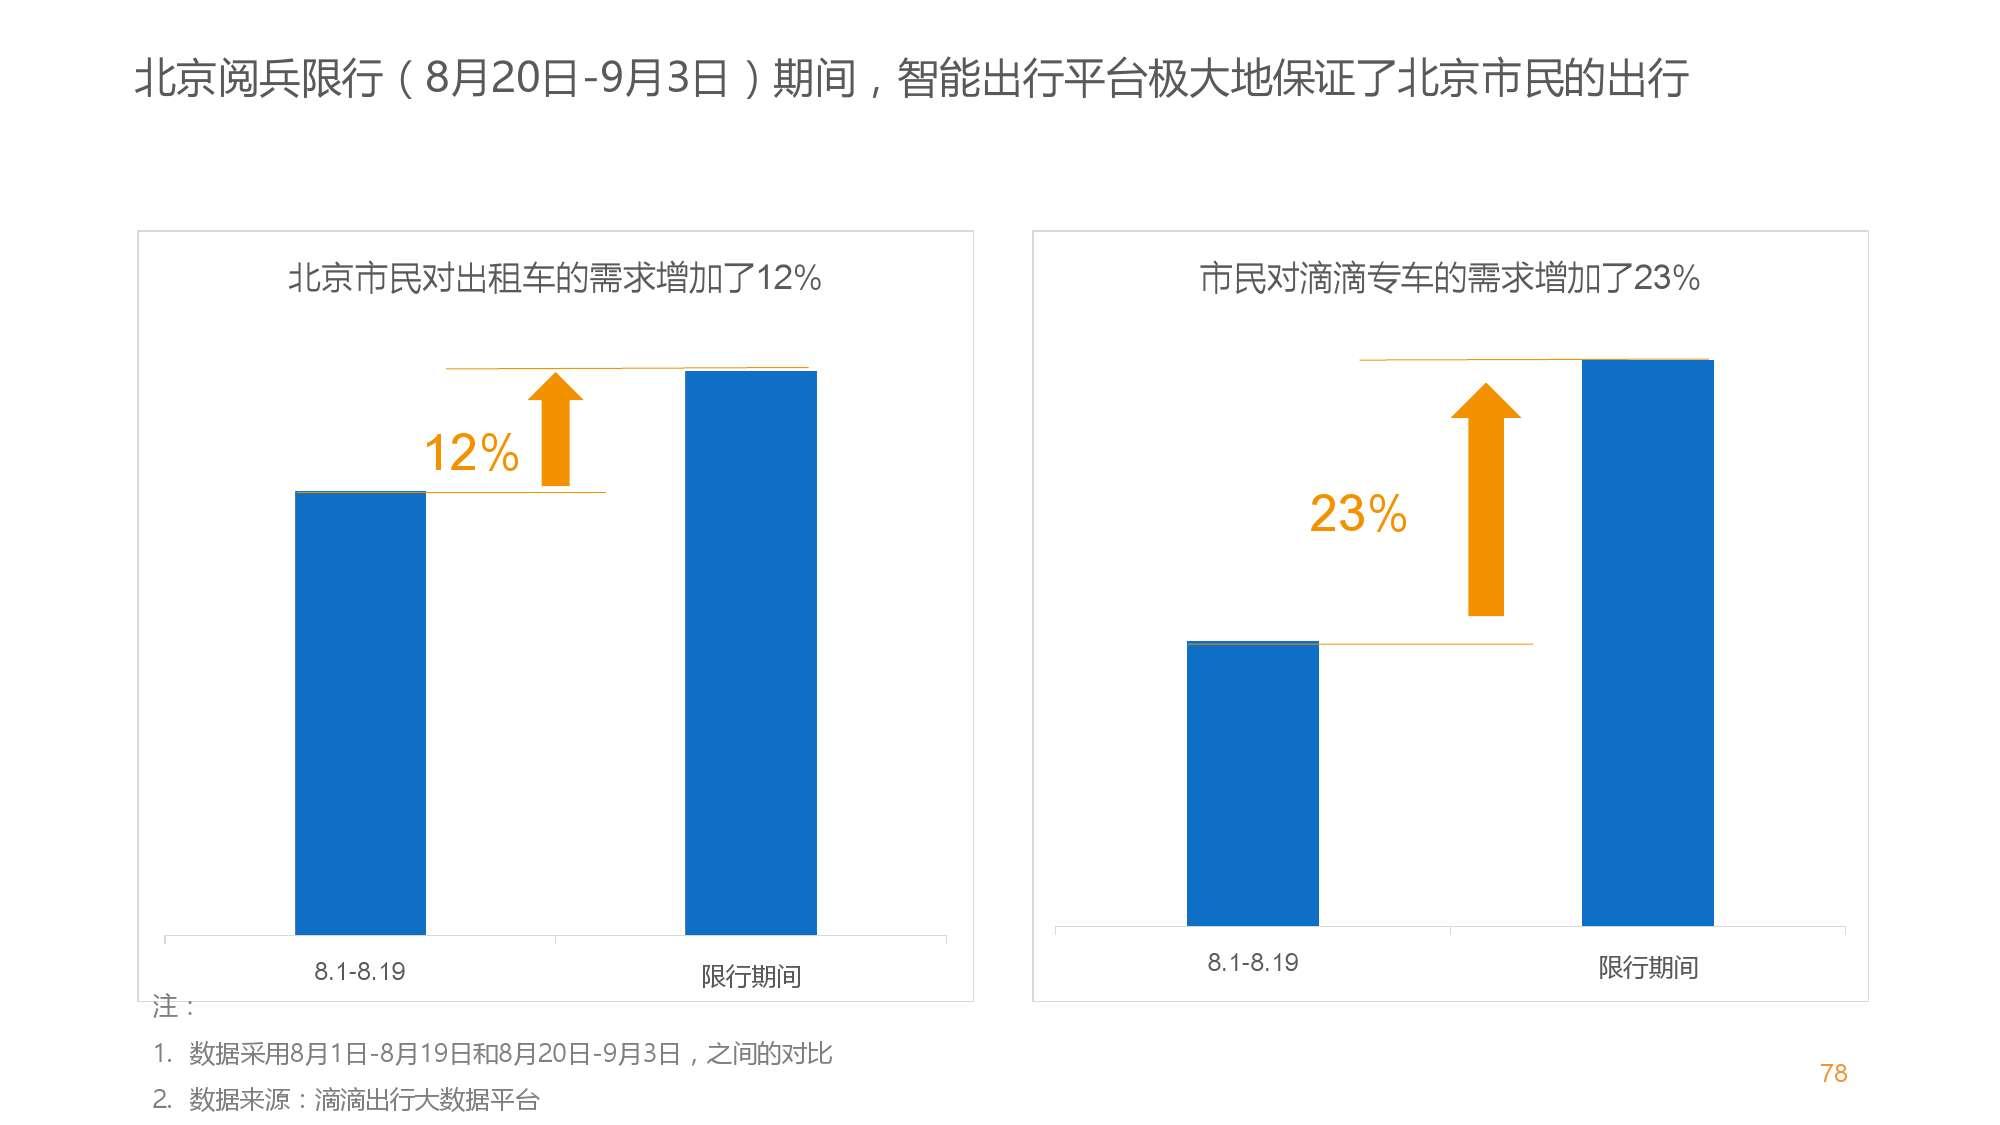 中国智能出行2015大数据报告_000078